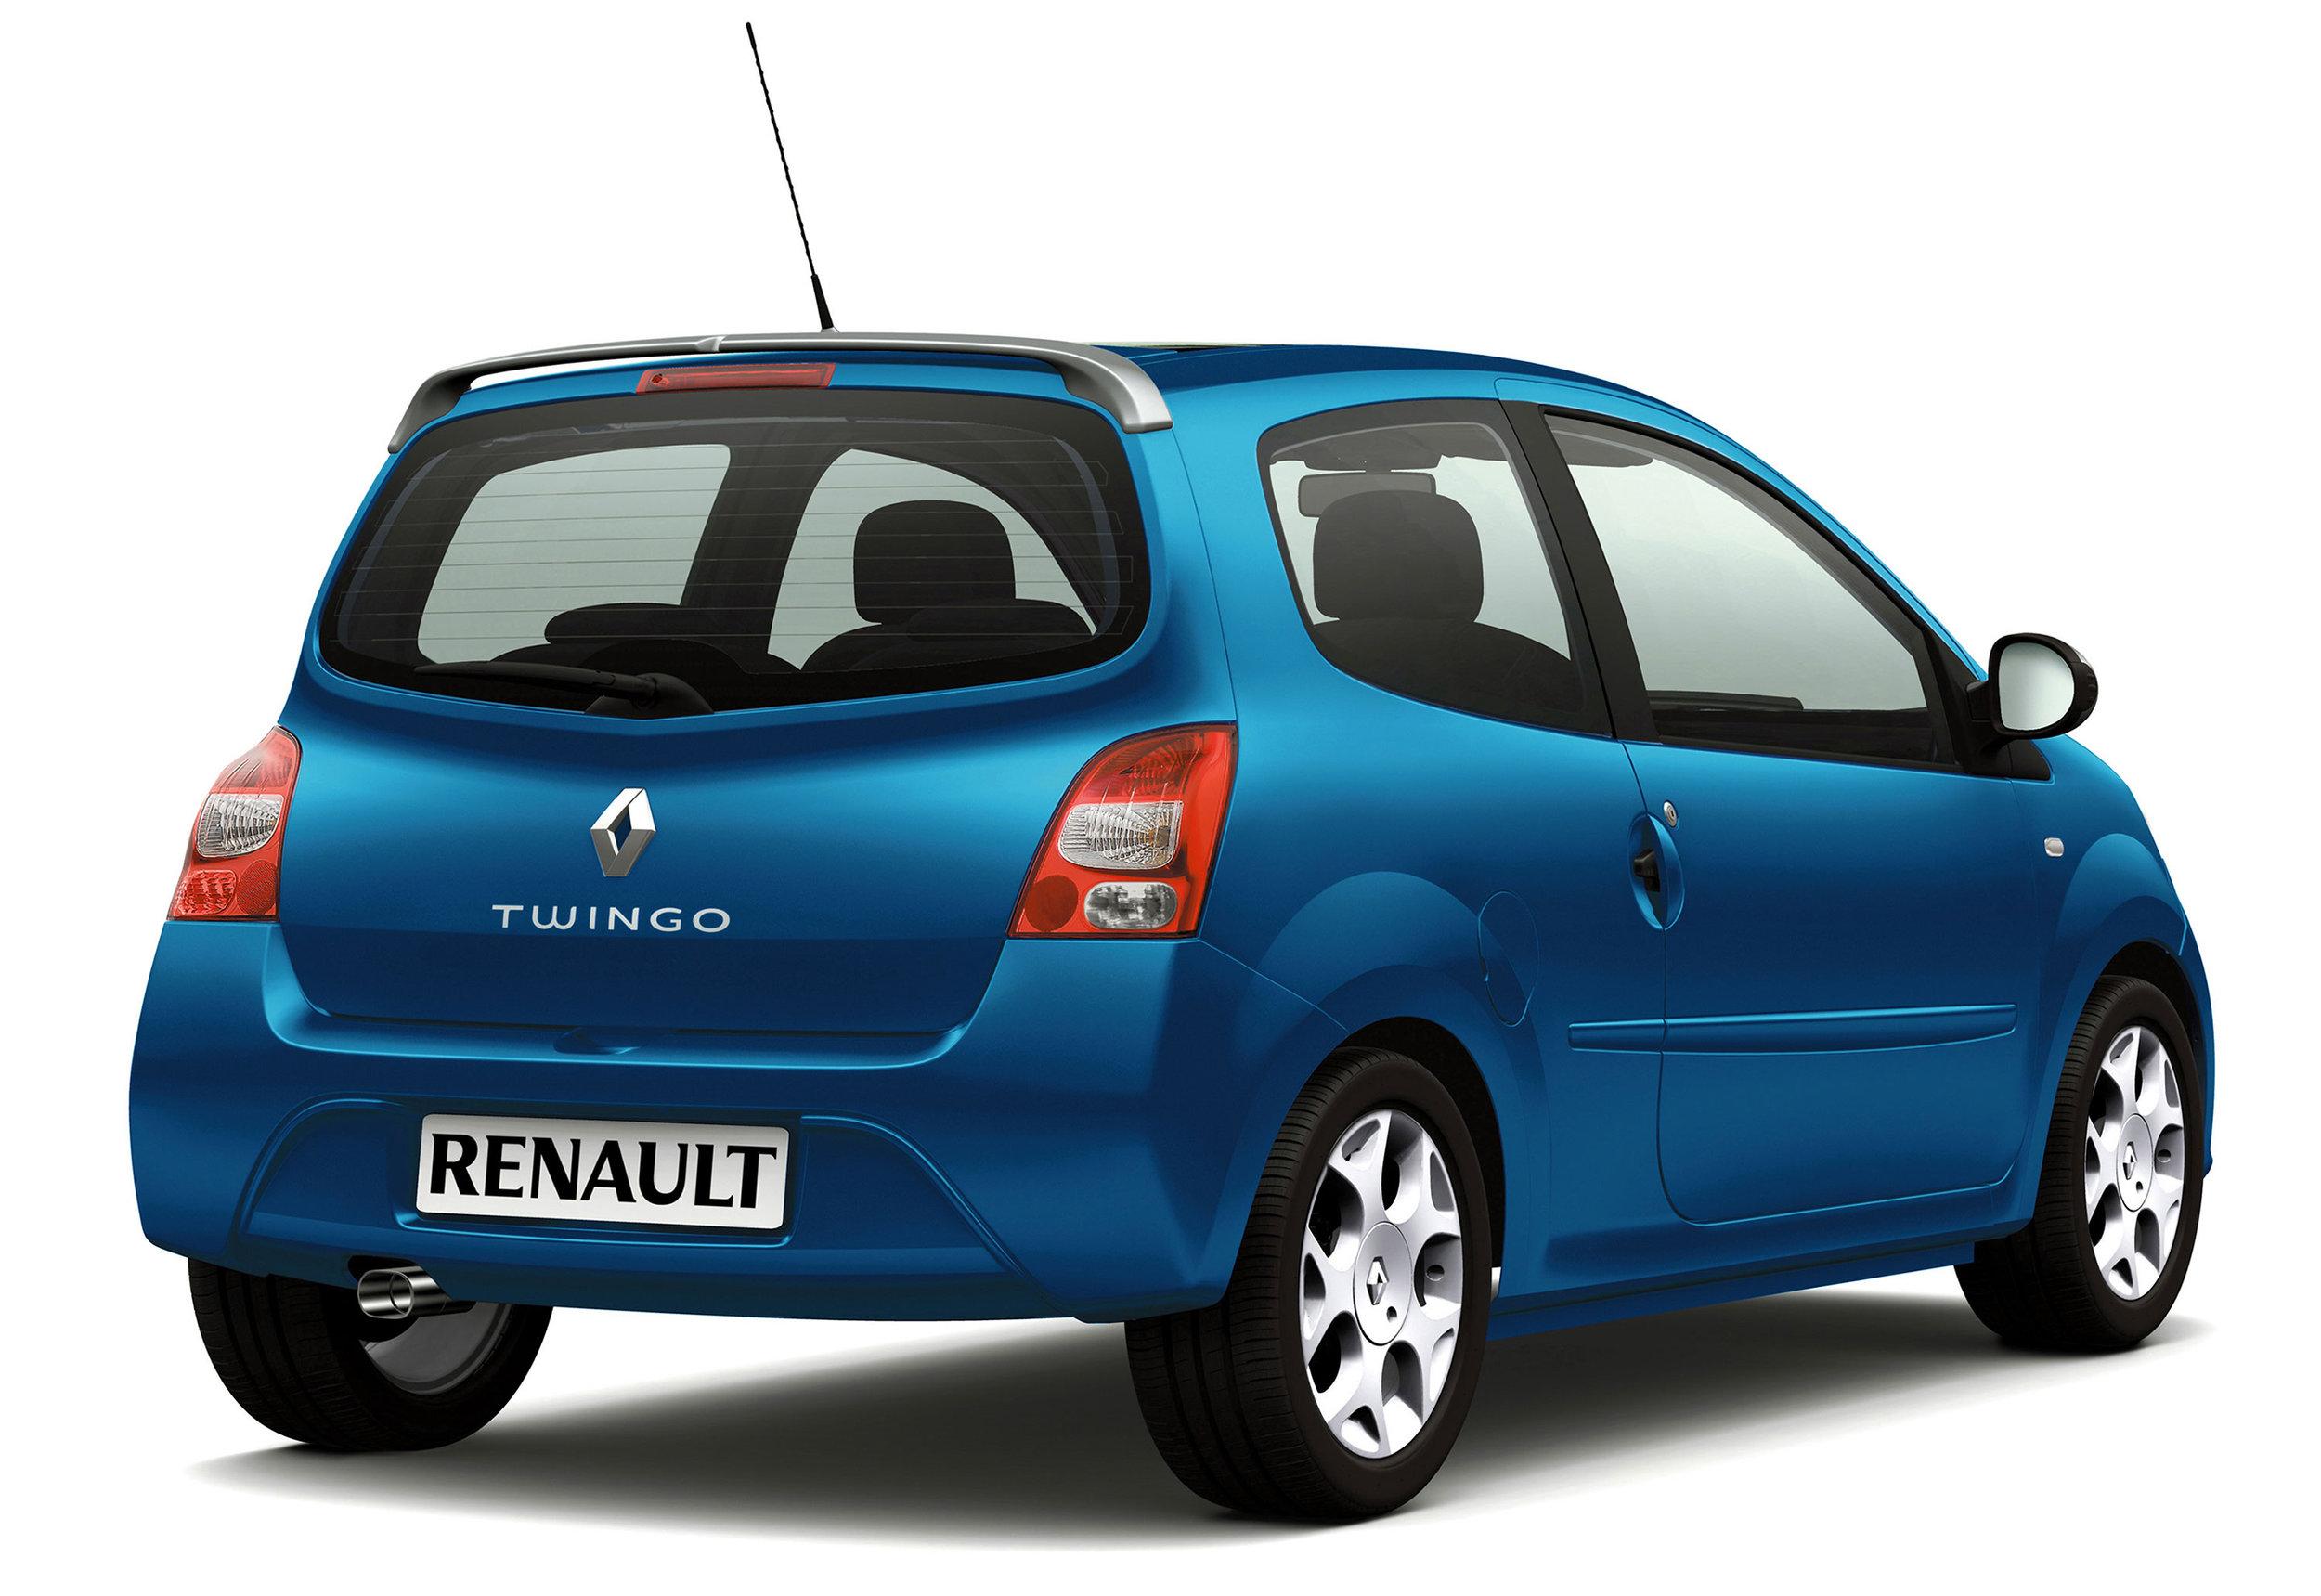 Renault-Twingo-03.jpg